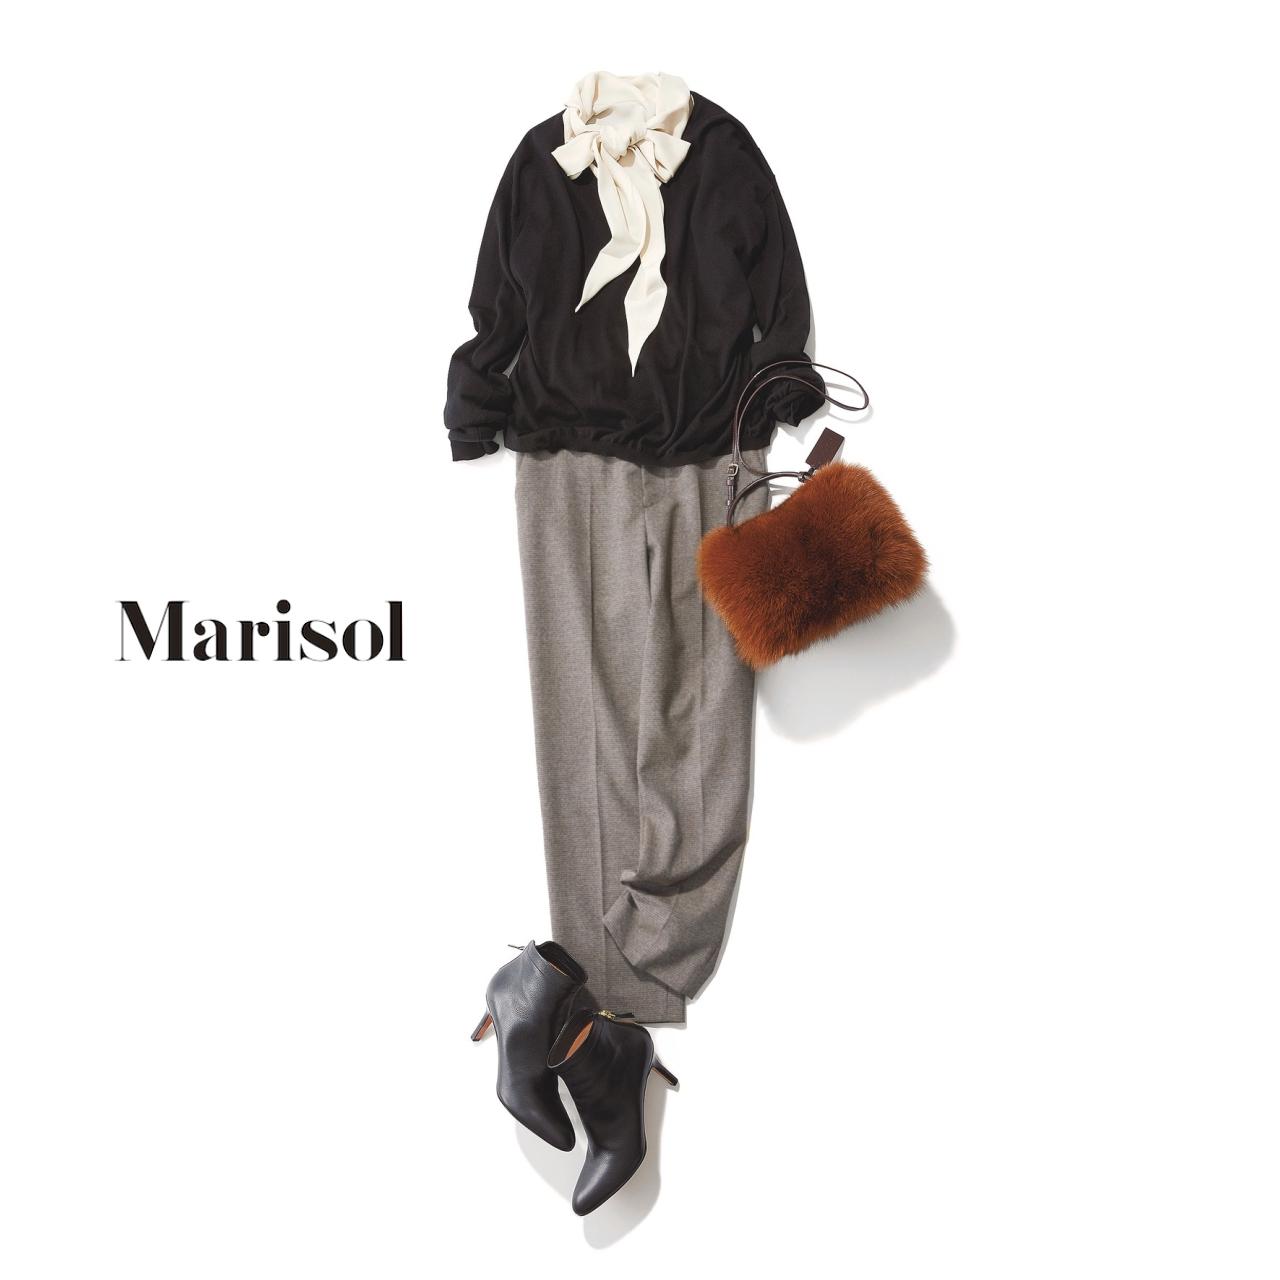 40代ファッション ボウタイブラウス×黒Vネックニット×グレーパンツコーデ